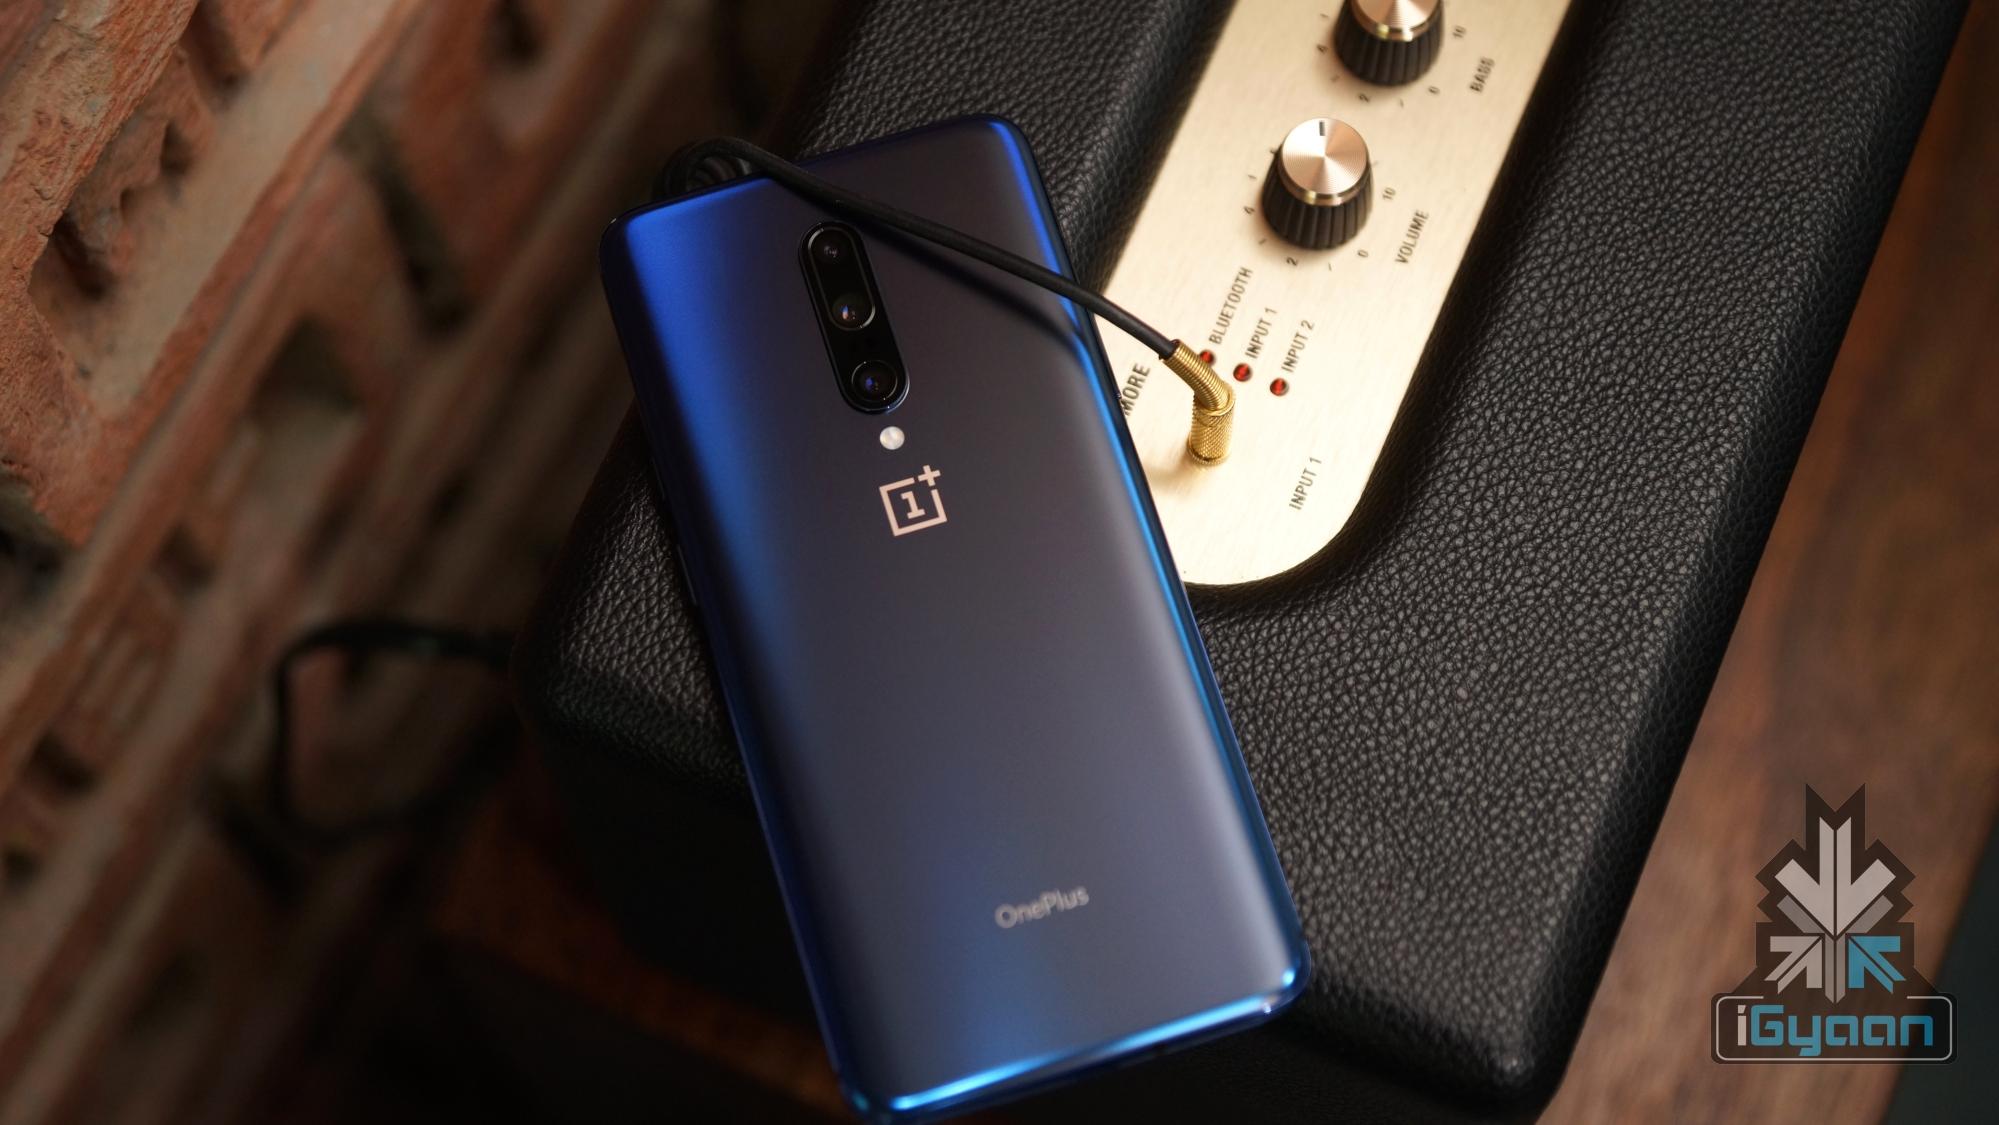 OnePlus 7 Pro Vs Galaxy Note 10+, welches solltest du wählen? 4